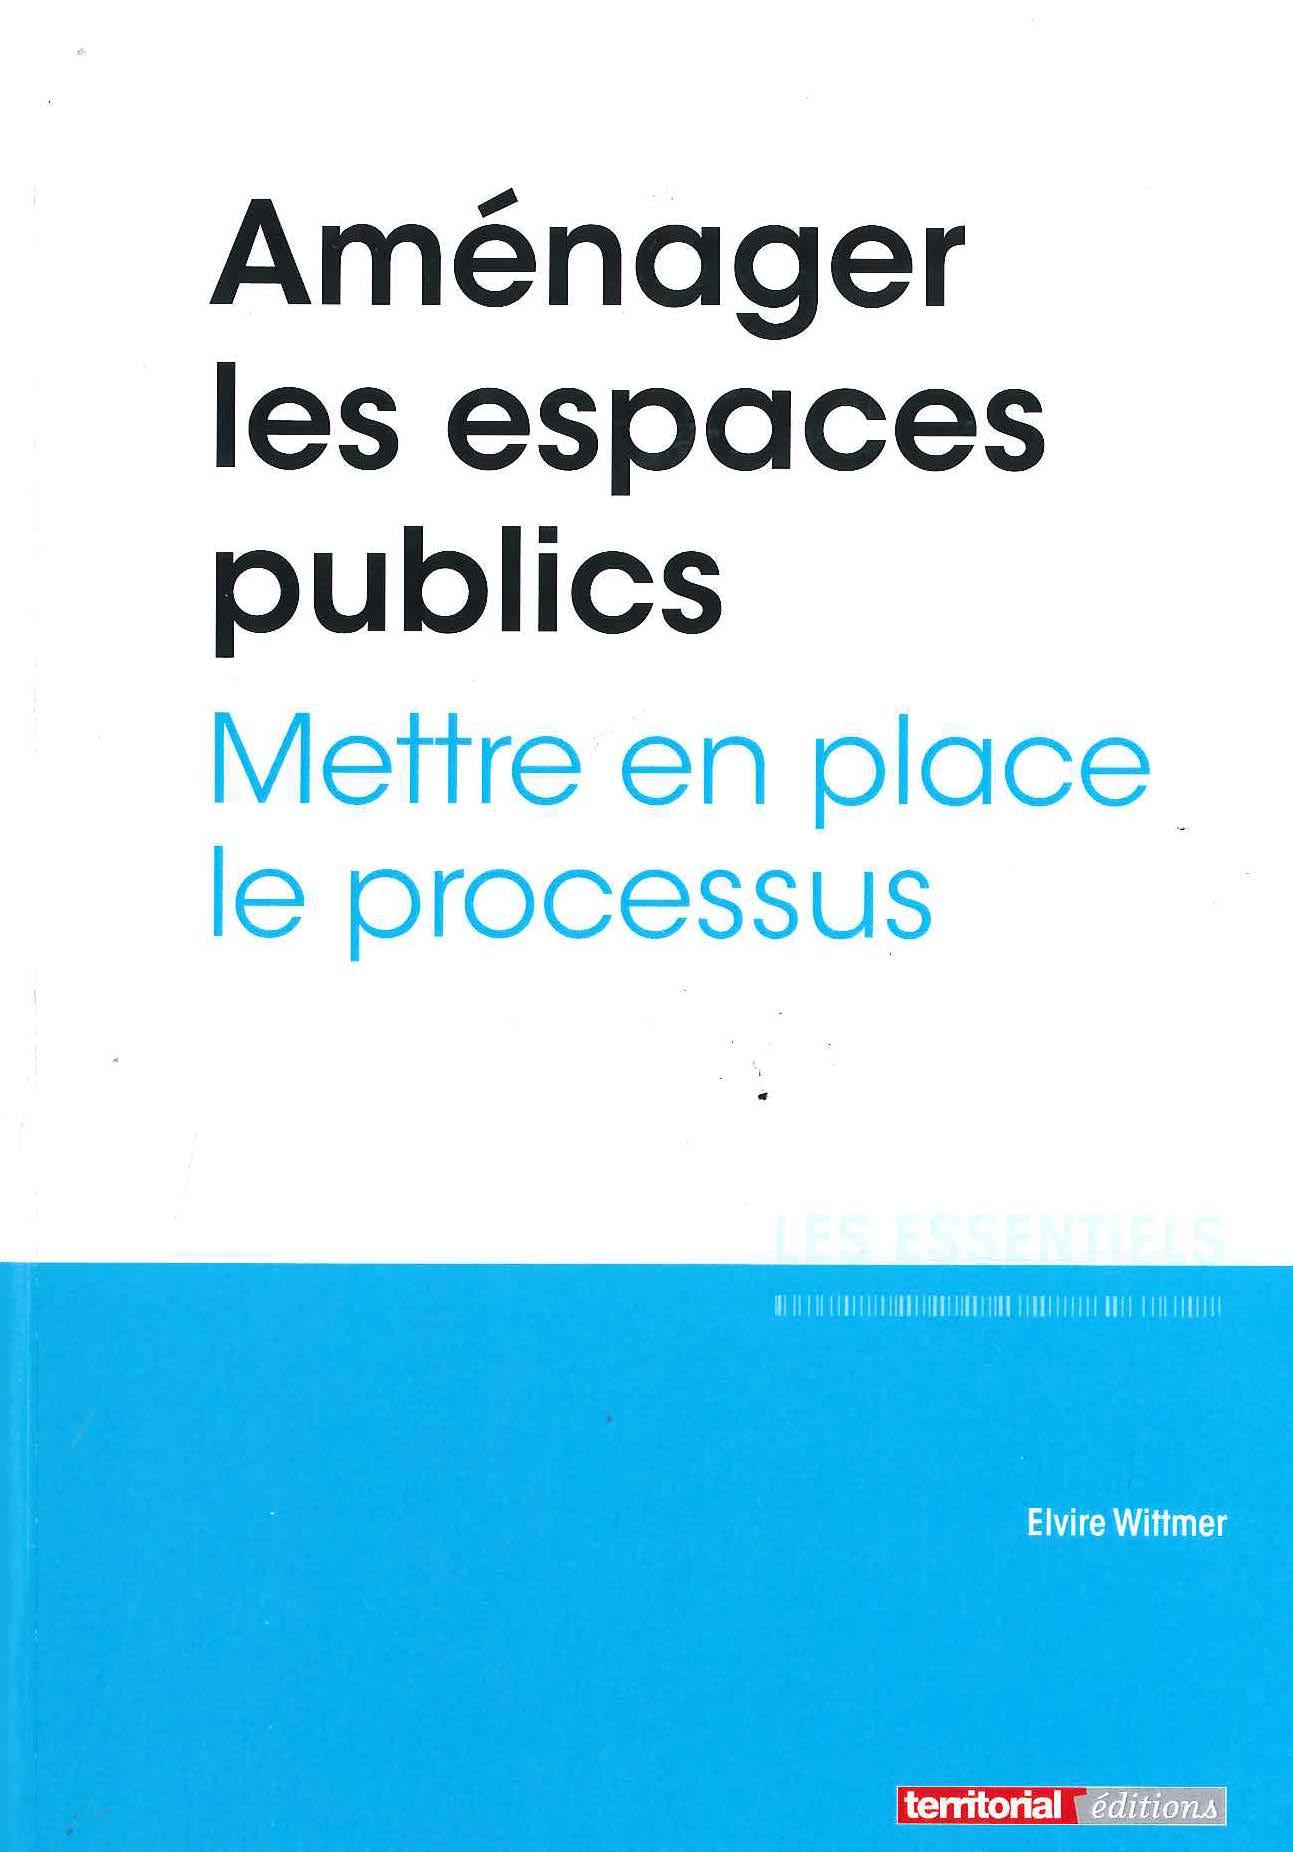 Aménager les espaces publics